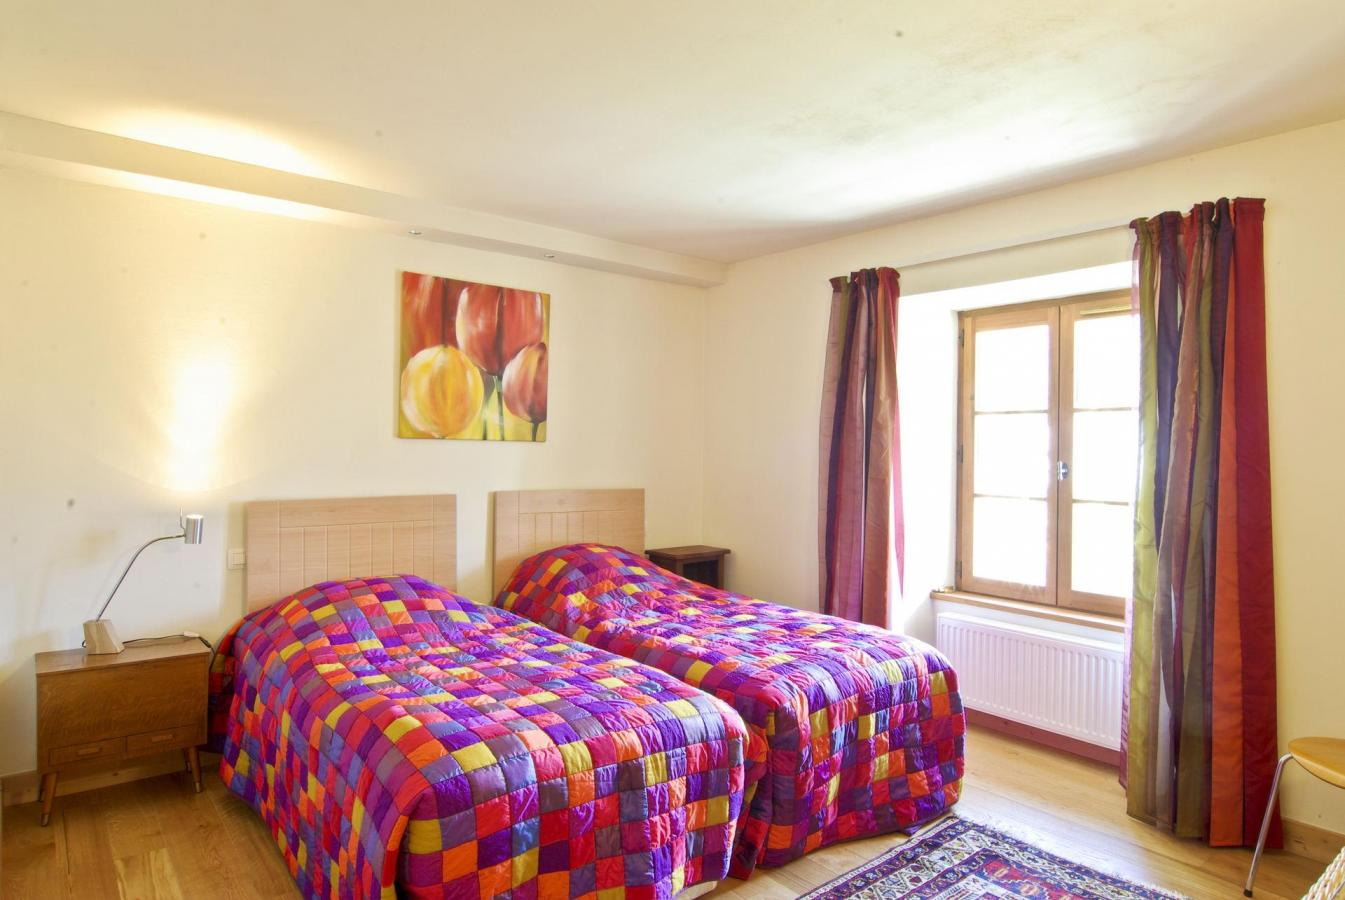 Location au ski Appartement 4 pièces 6 personnes - Chalet Ambre - Chamonix - Salle de bains